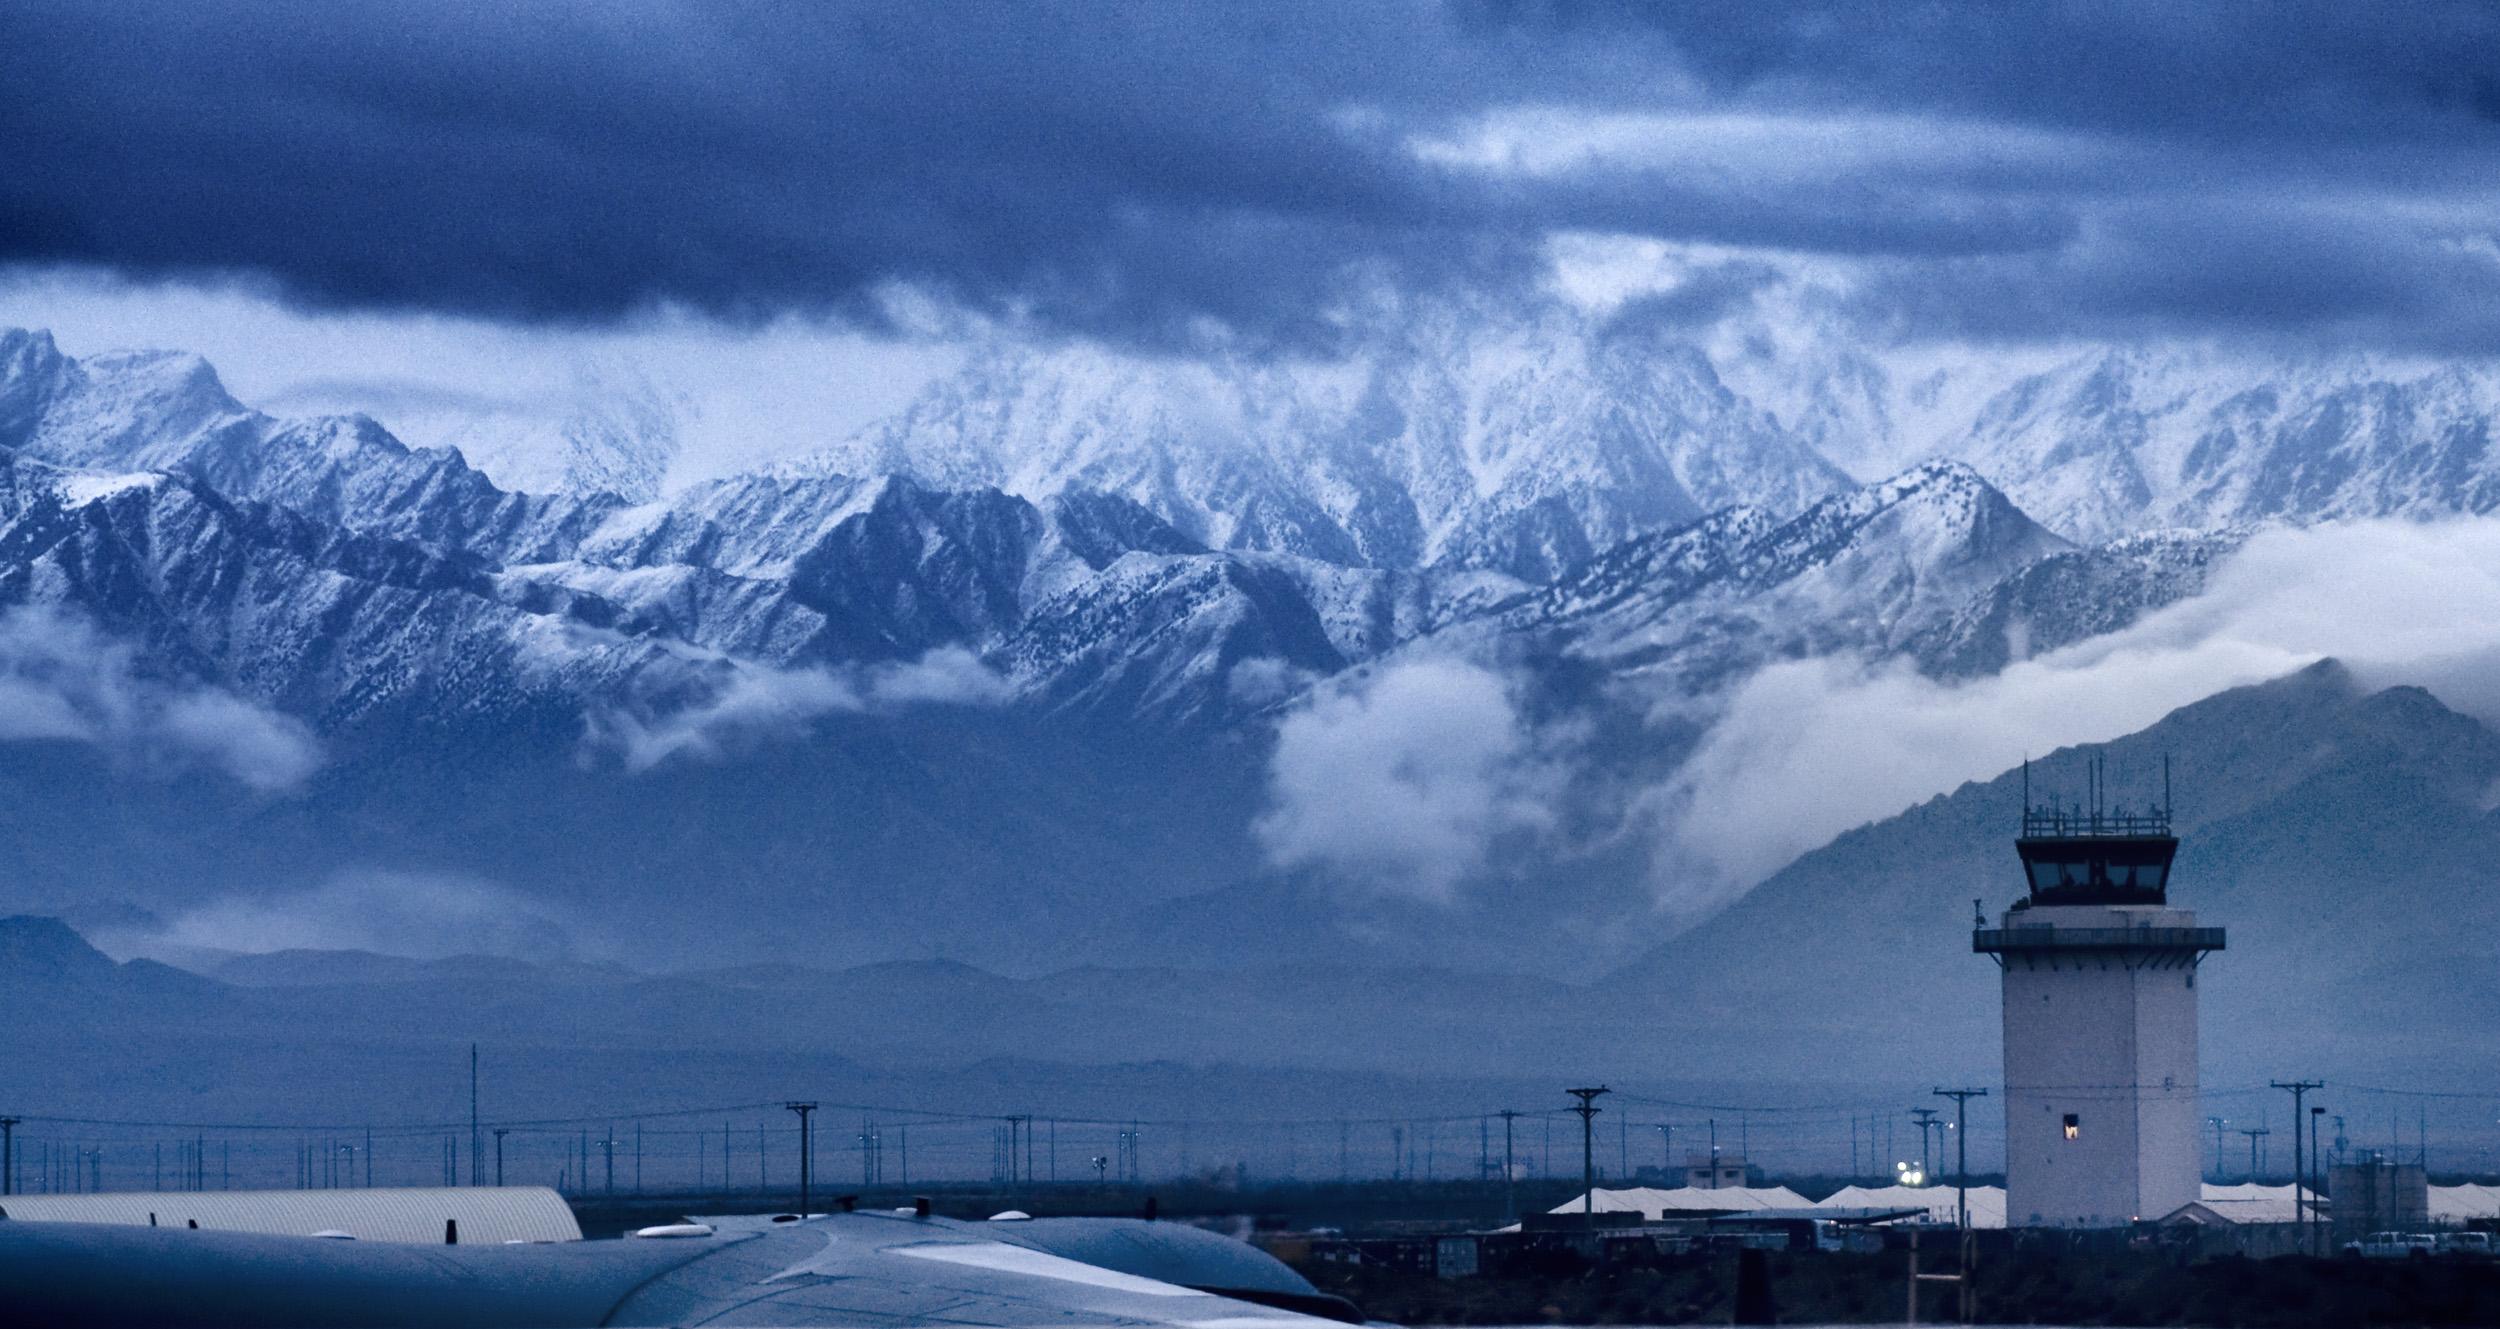 Storm_clouds_at_Bagram_Air_Field,_Afghanistan